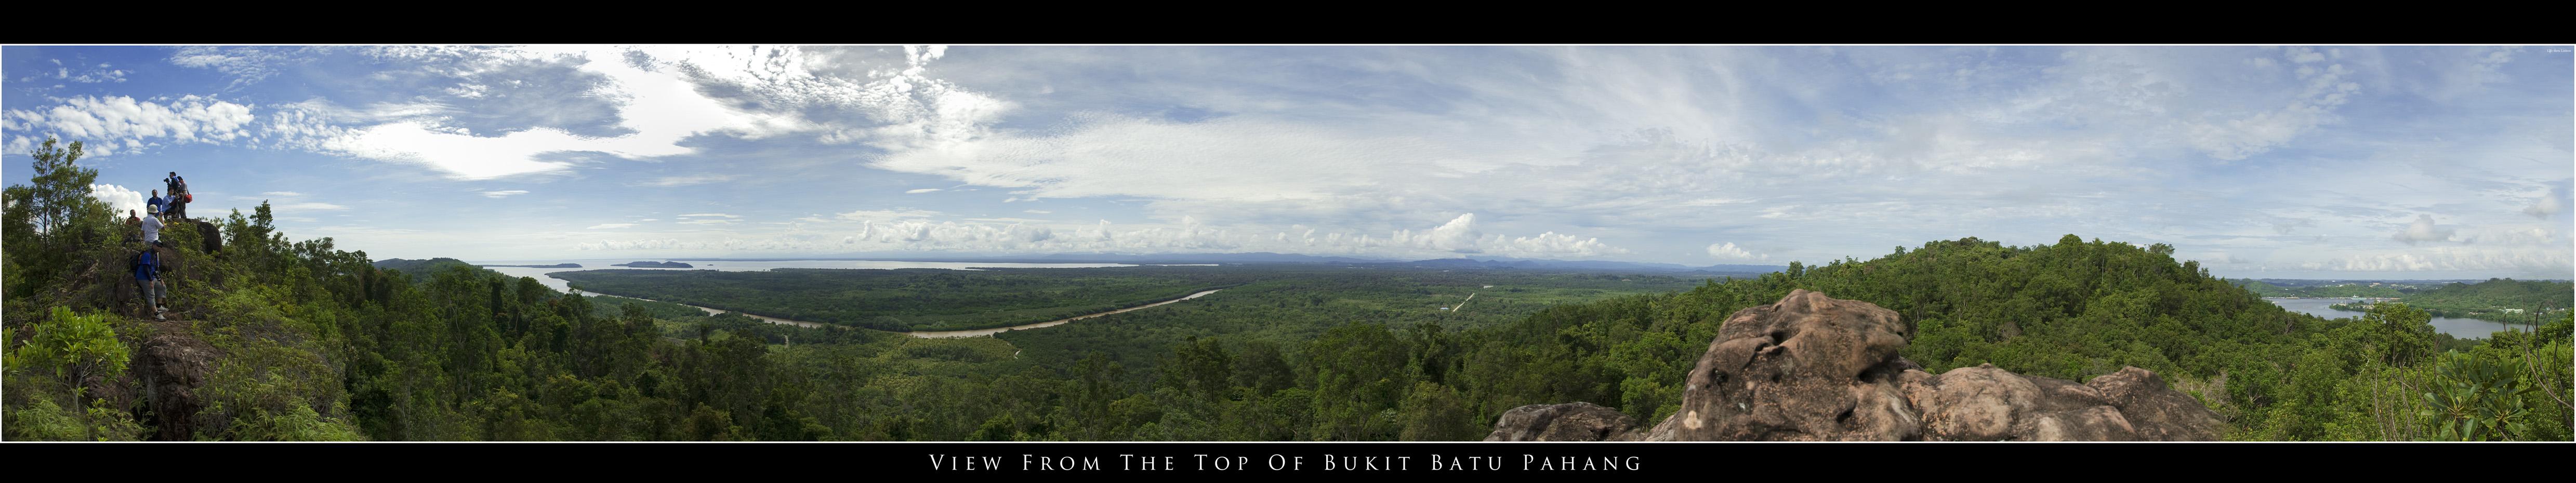 Bukit Batu Pahang Panorama